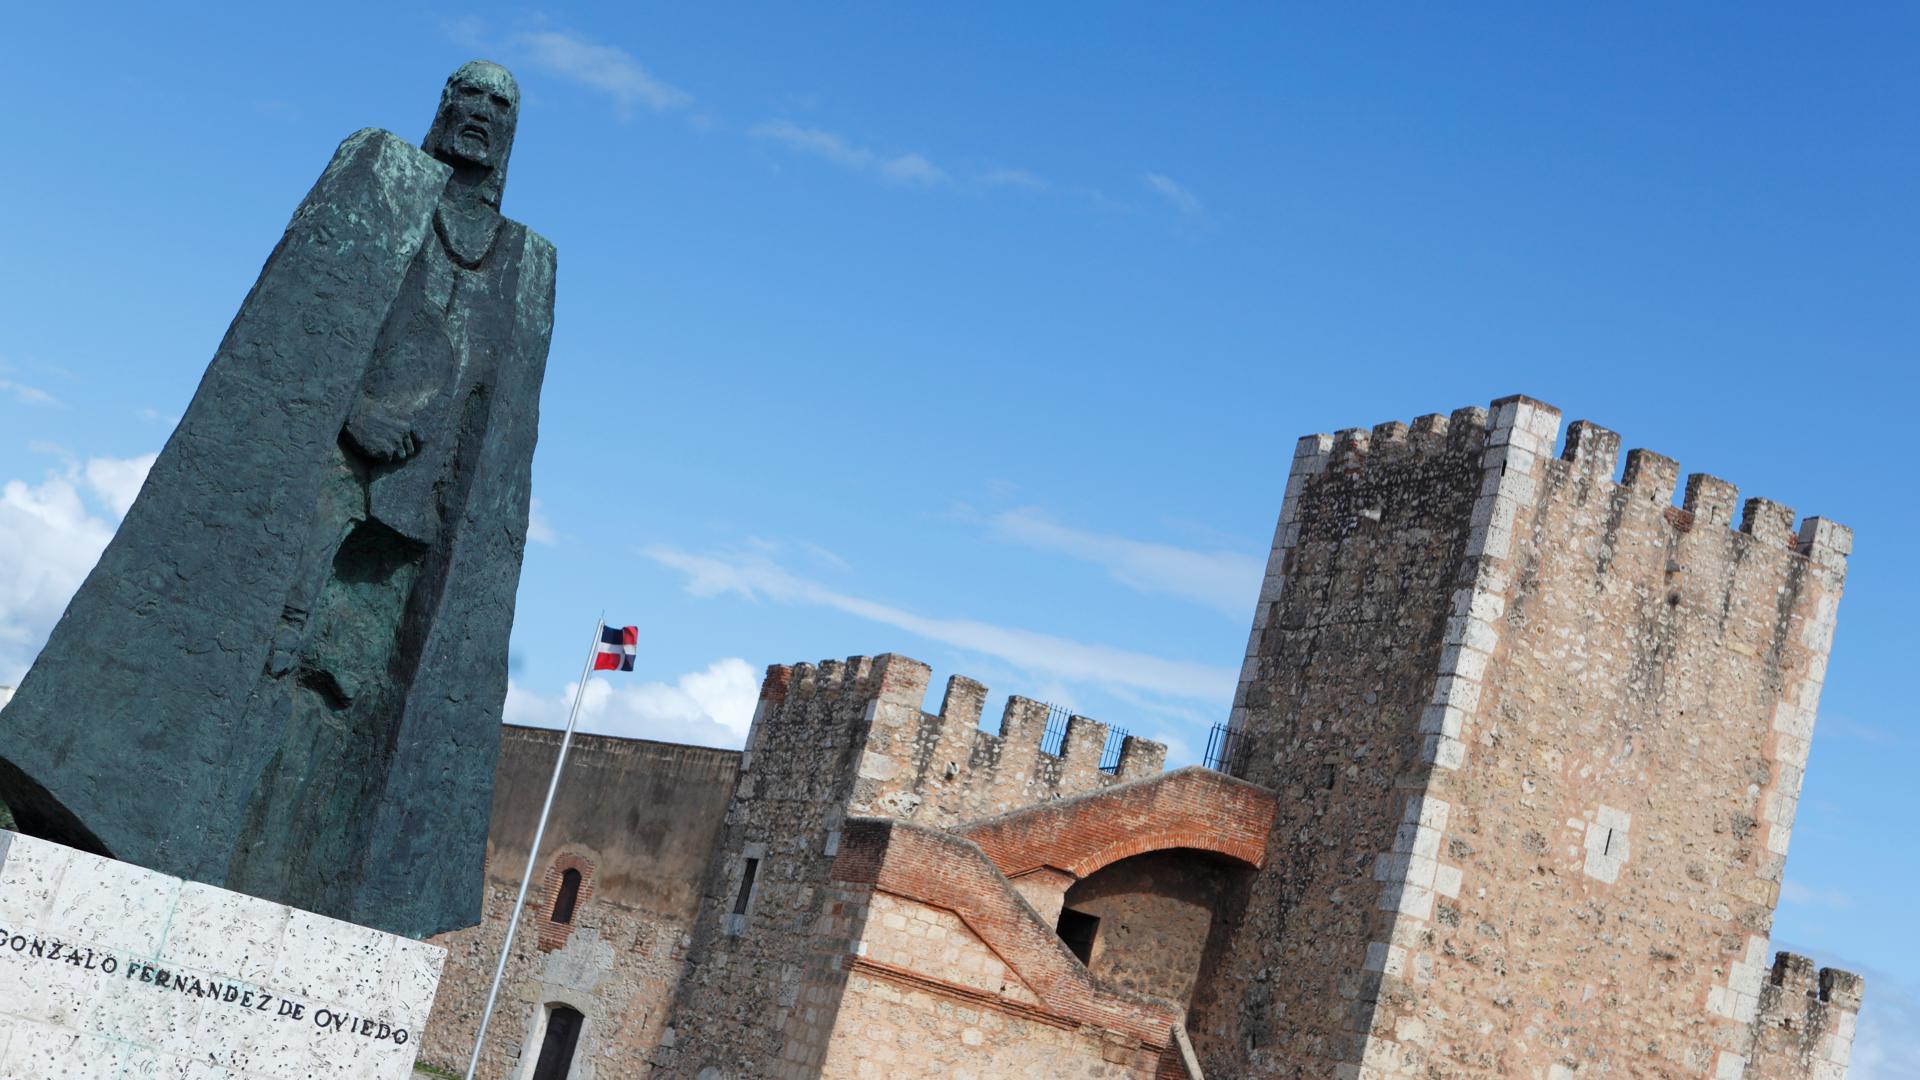 dominican_republic_travel_035_fortaleza_ozama_santo_domingo_1920